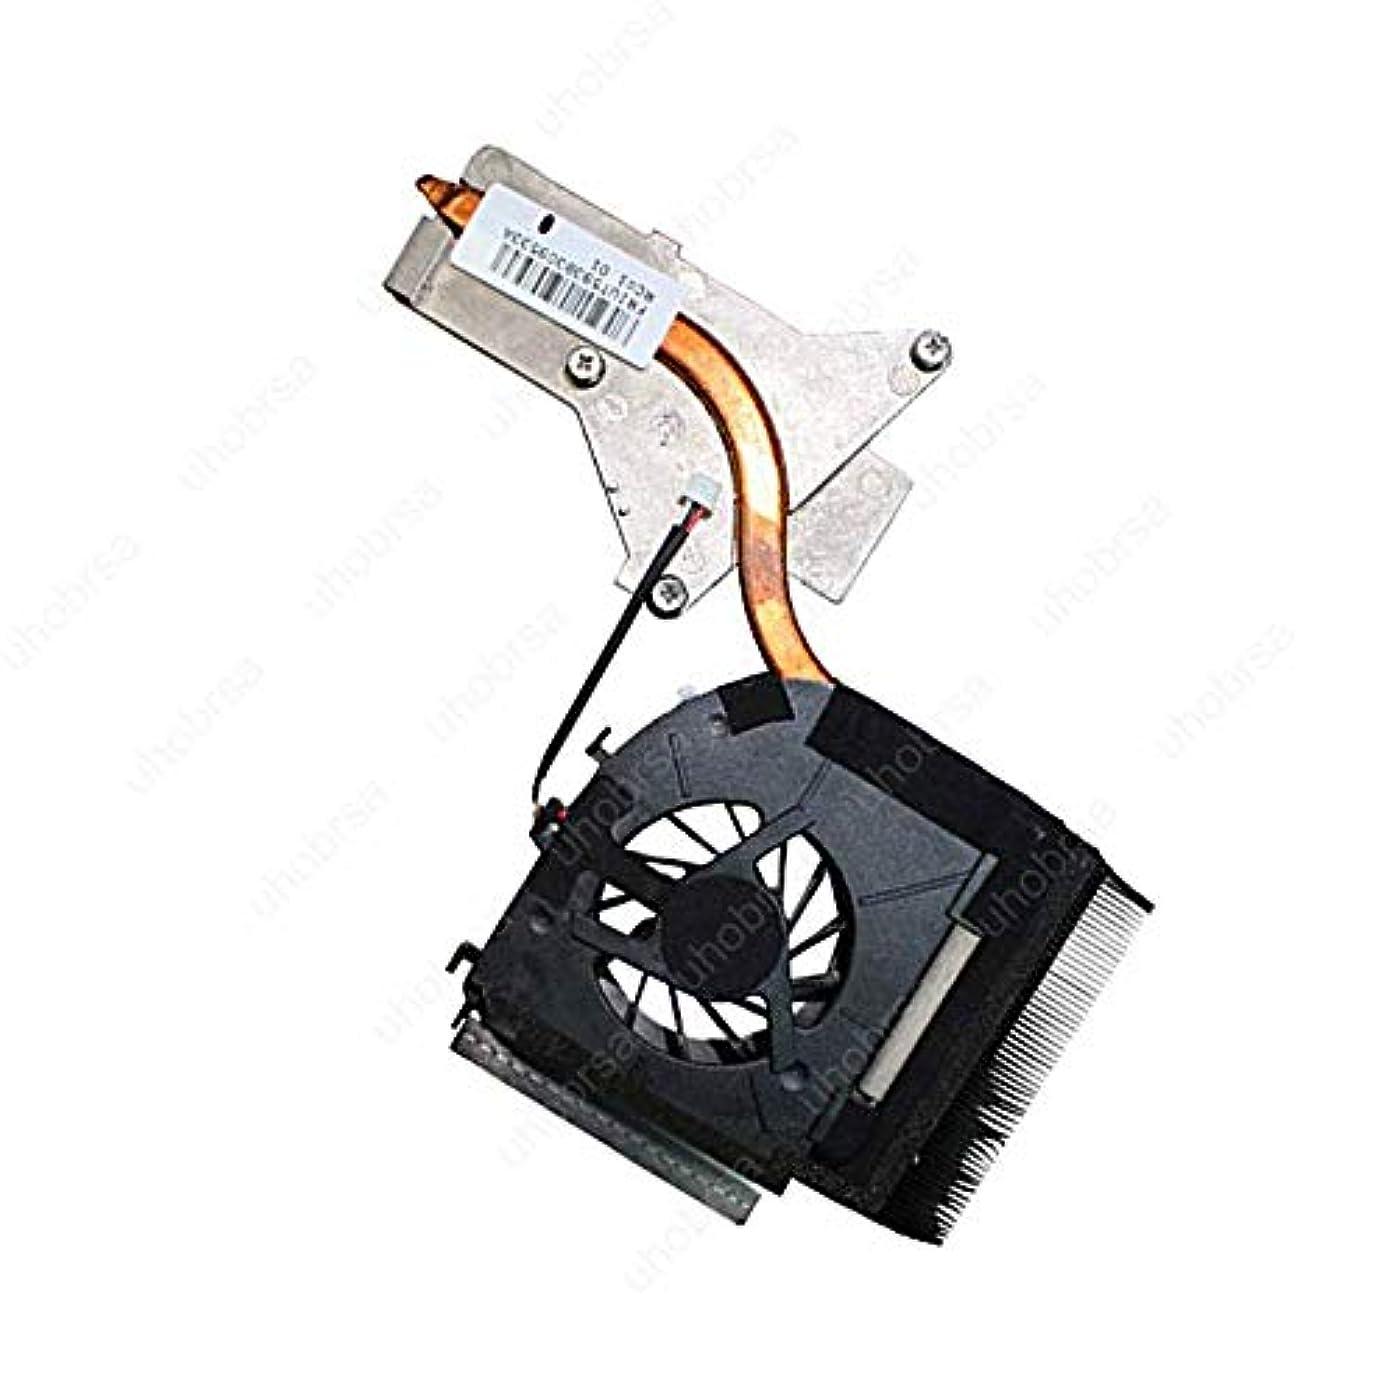 ゆりかごホスト感謝祭UHOBRSA と互換性があります HP Pavilion DV5-1140EM DV5-1140EN DV5-1140EO DV5-1140EP ラップトップ ファン 統合グラフィックス と ヒートシンク ために Intel CPU